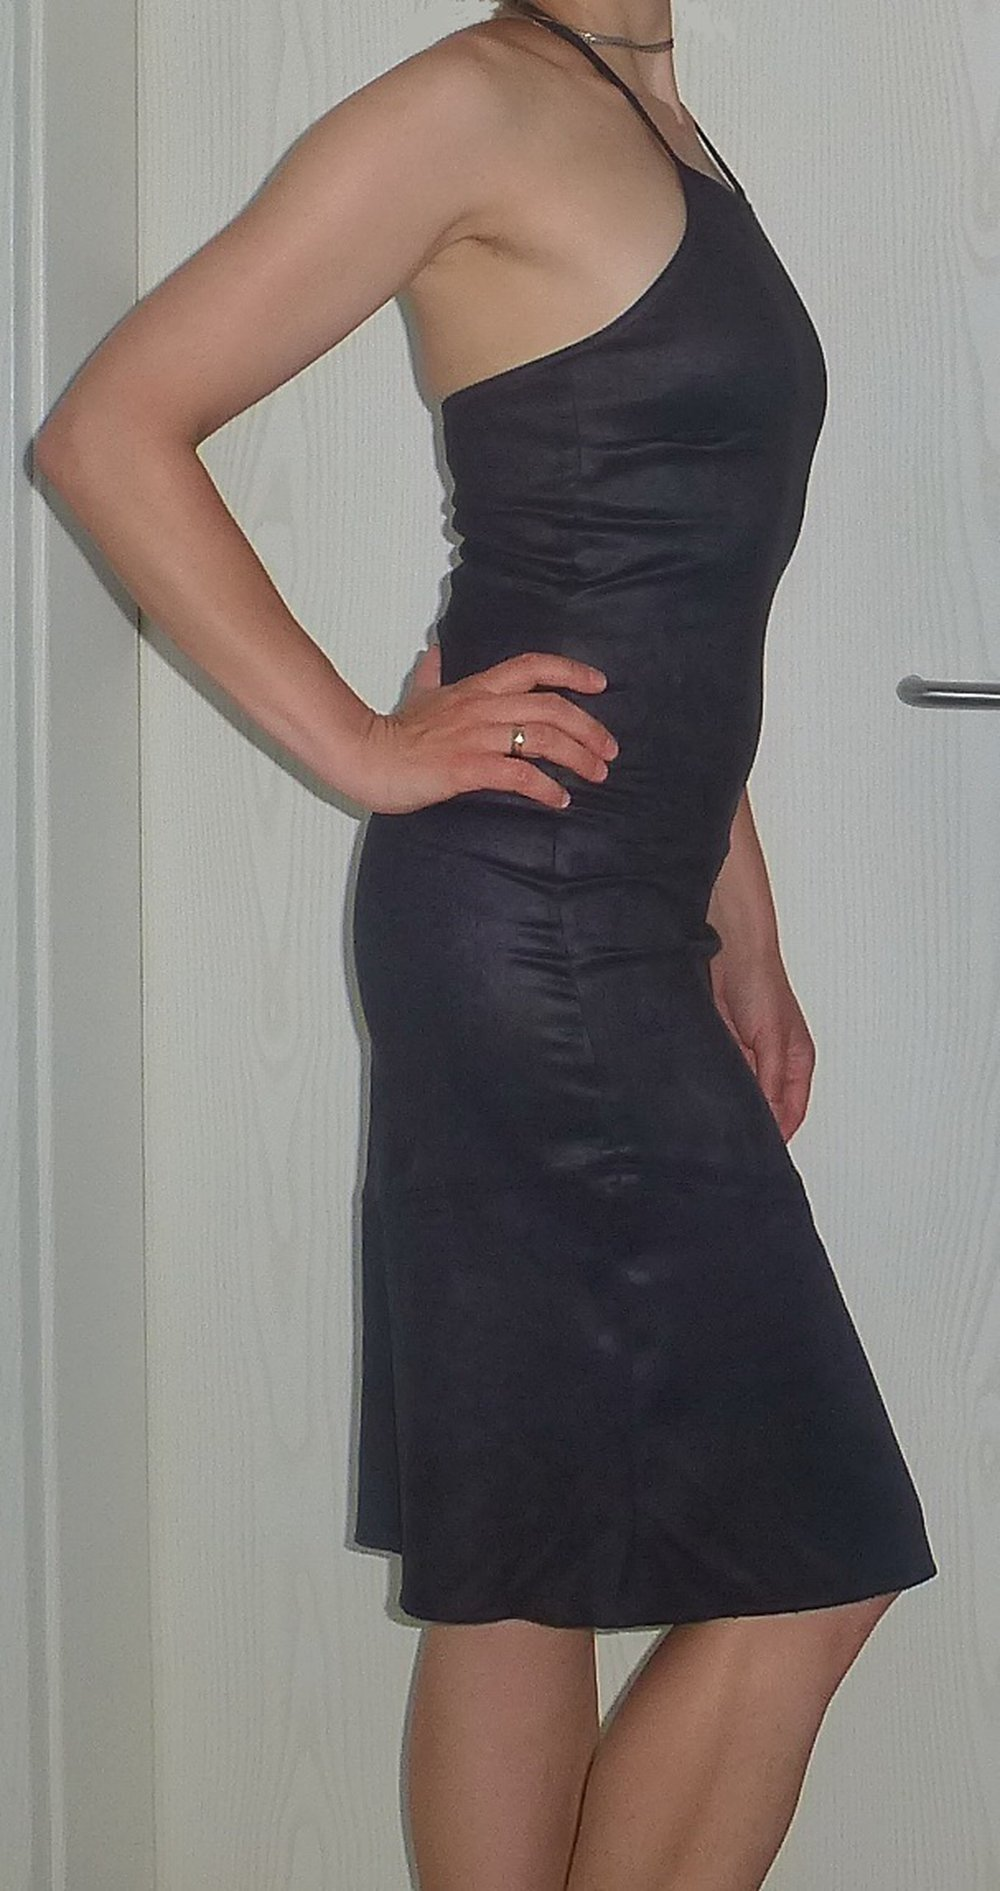 damen kleid elegant cocktailkleid abendkleid dunkelblau gr 36 38. Black Bedroom Furniture Sets. Home Design Ideas